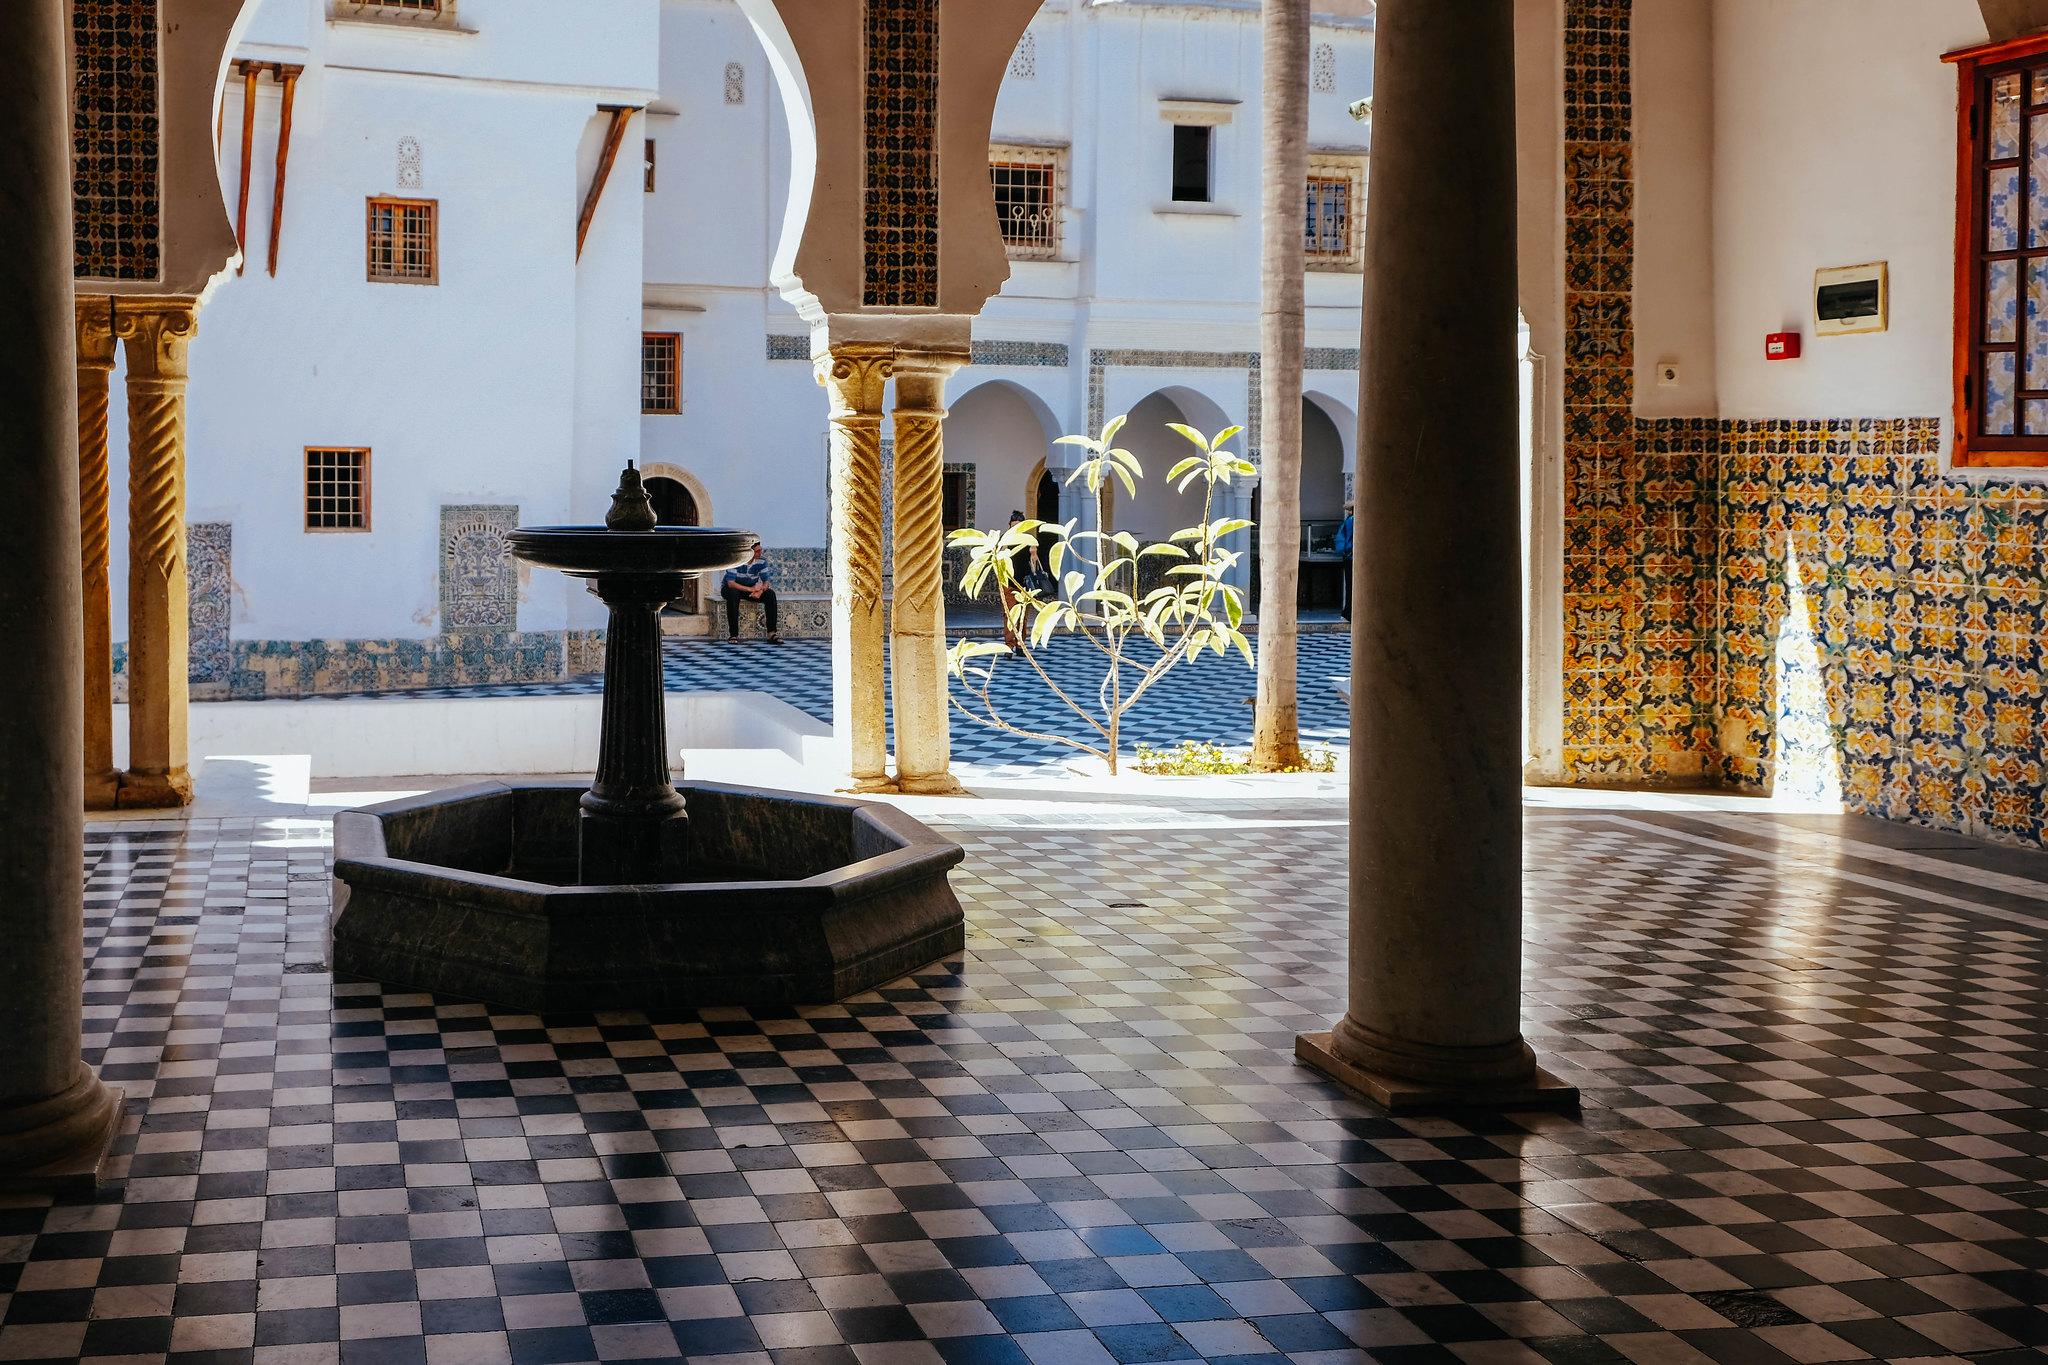 Inside the Bardo Museum, Algiers